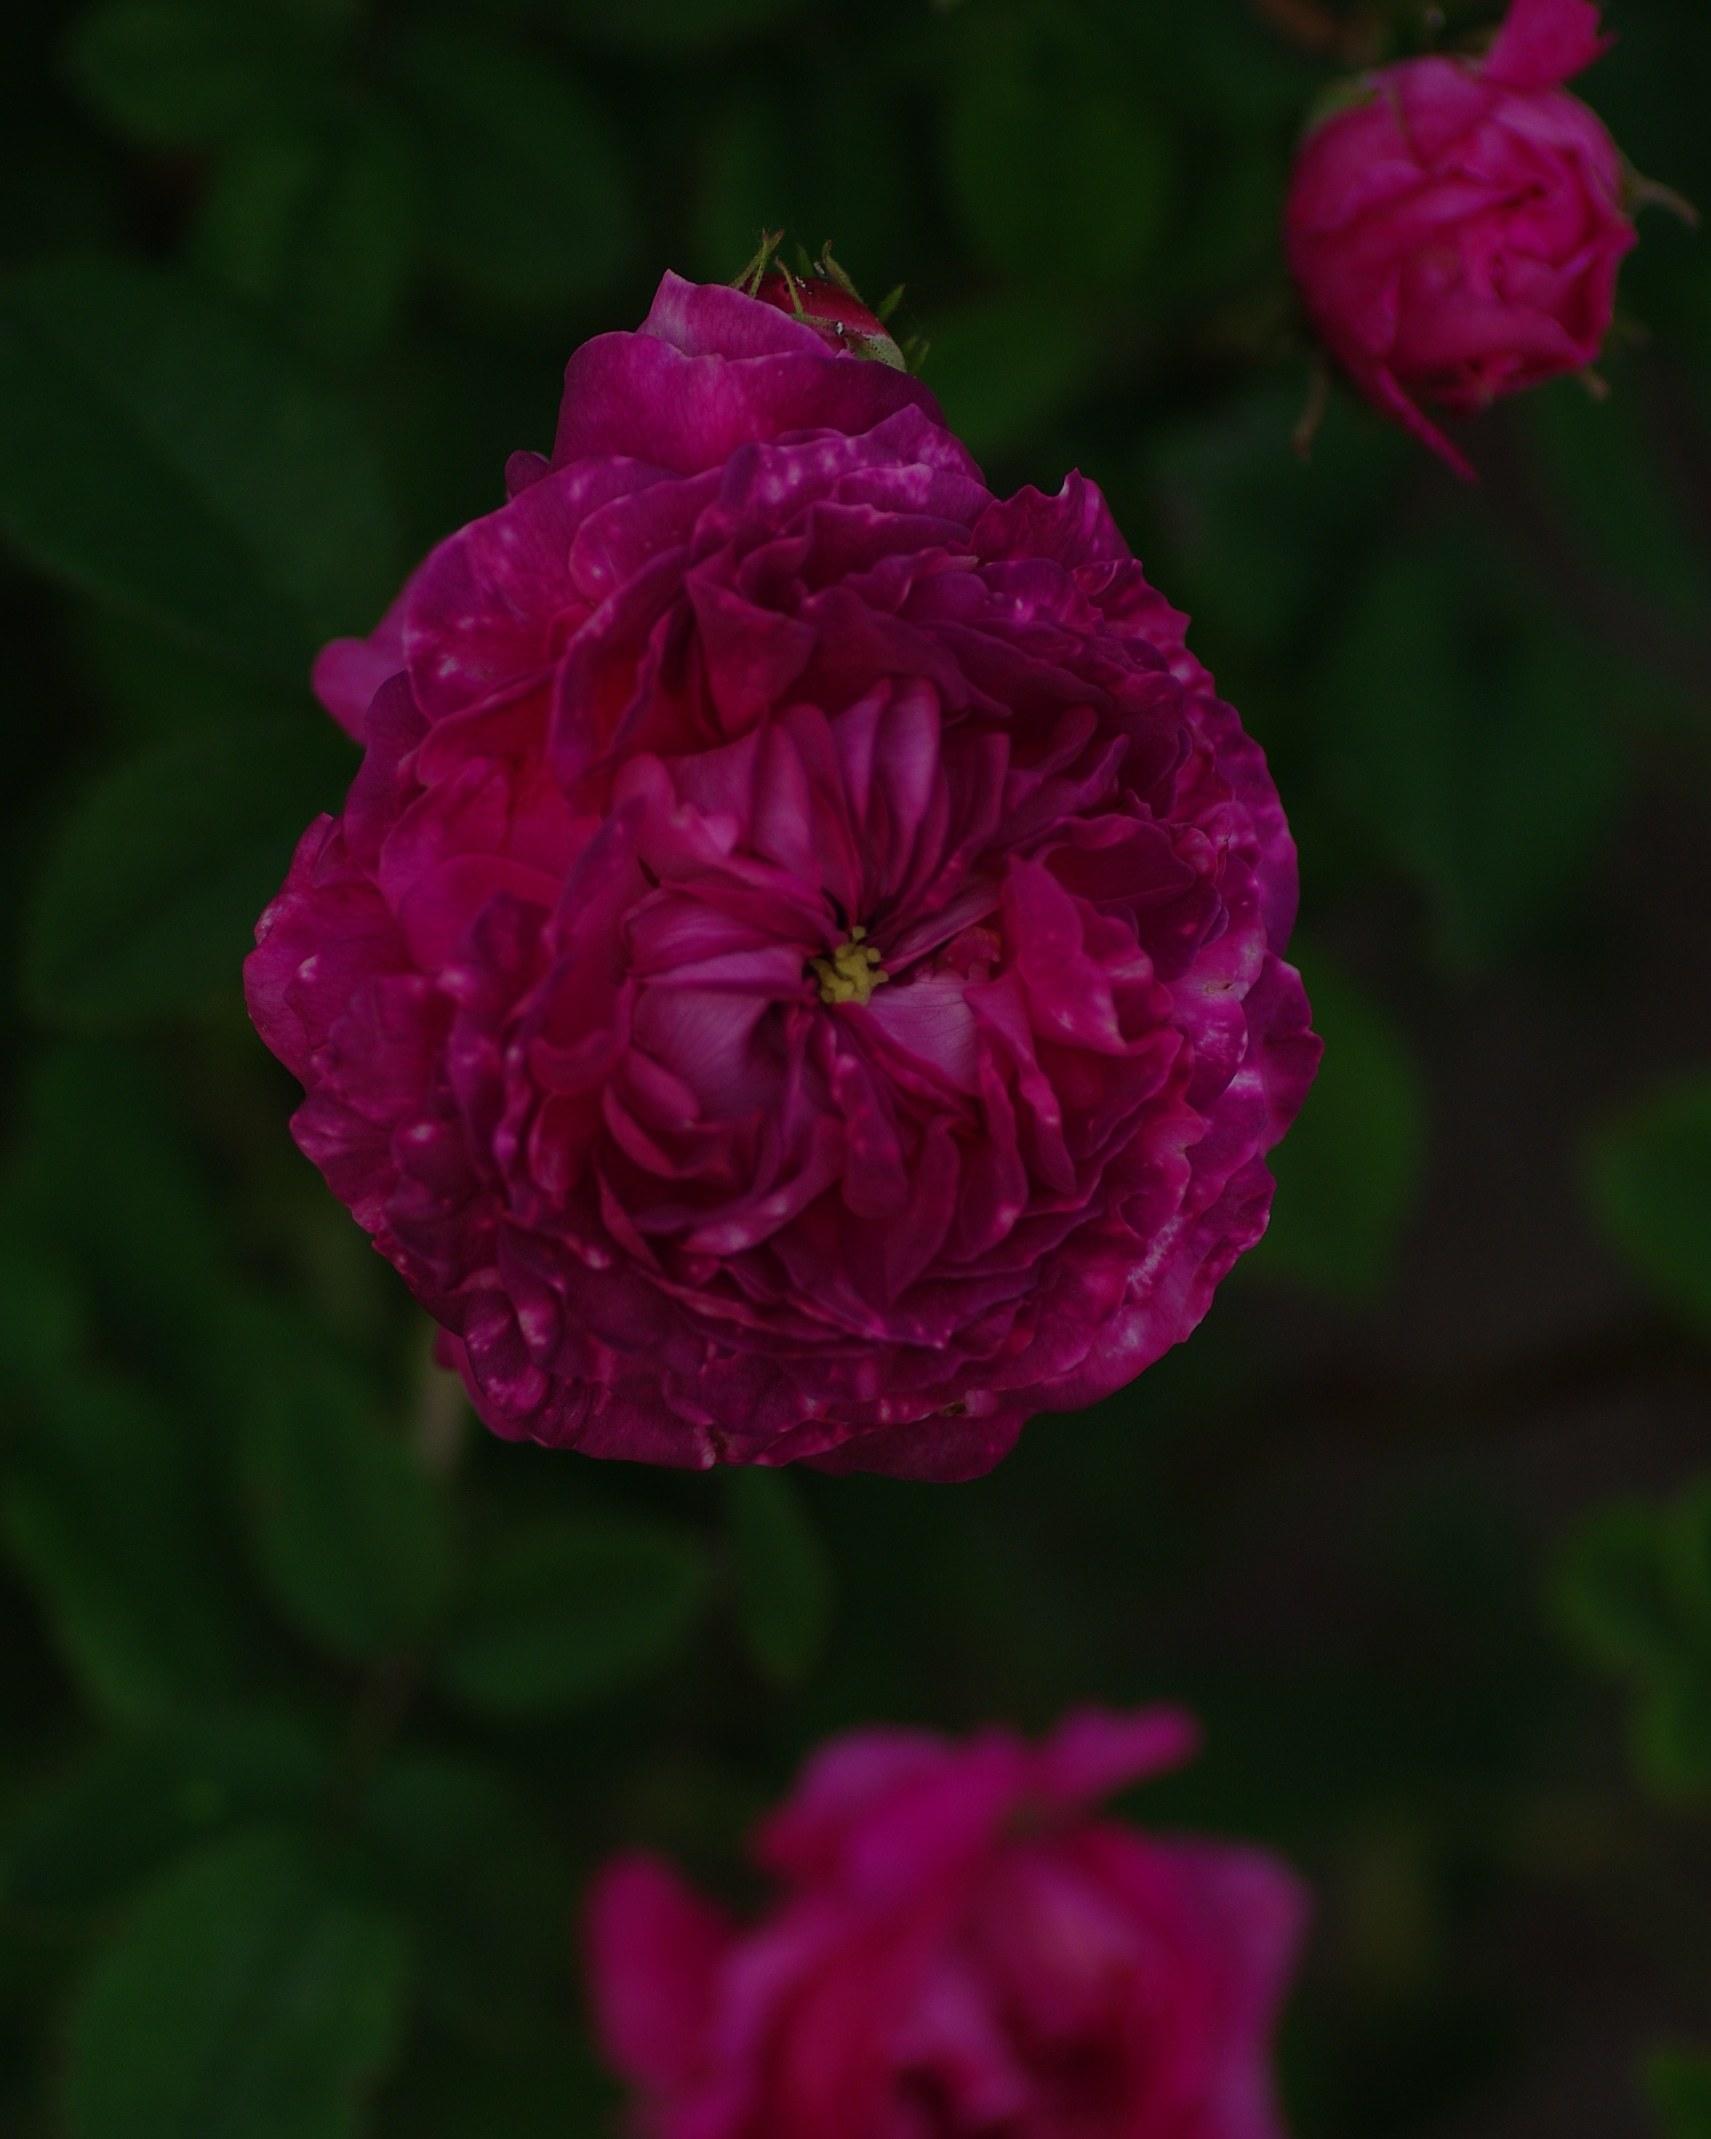 宿根草と古い薔薇_c0224013_00115337.jpg